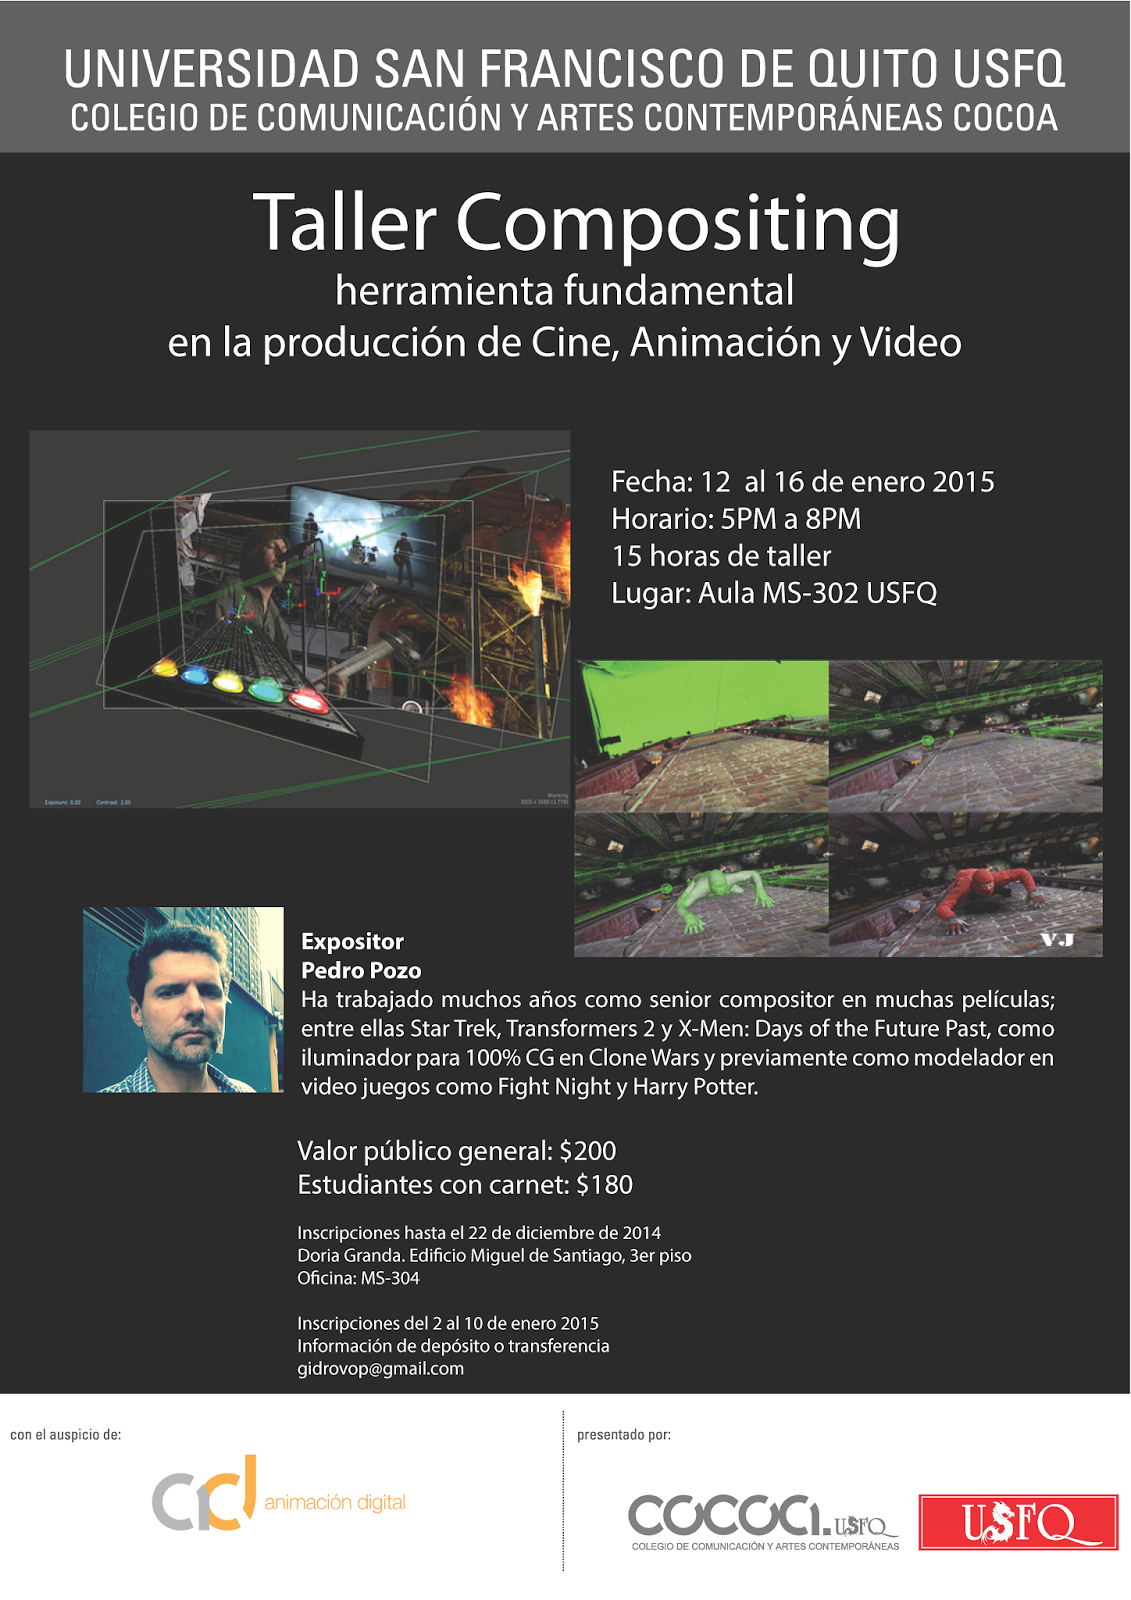 Taller compositing herramienta fundamental de Cine, Animación y Video. 12-16 enero 2015, duración 15 horas. Aula MS-302, campus USFQ, Cumbayá